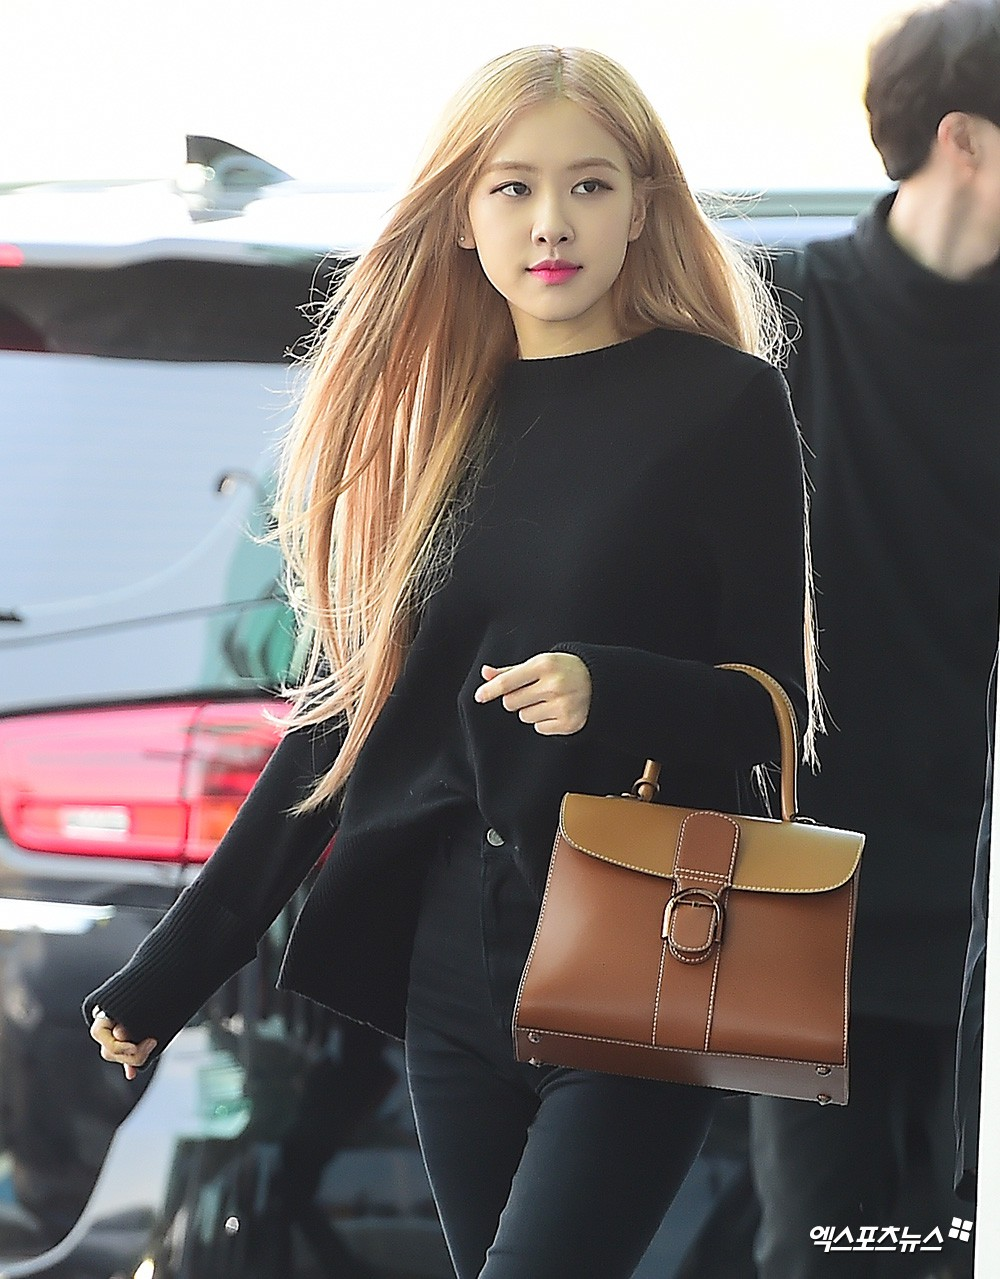 Màn đọ sắc gay cấn của dàn mỹ nhân Hàn: Black Pink siêu xinh, nhưng Hyuna lại chiếm spotlight vì gương mặt đơ cứng - Ảnh 8.